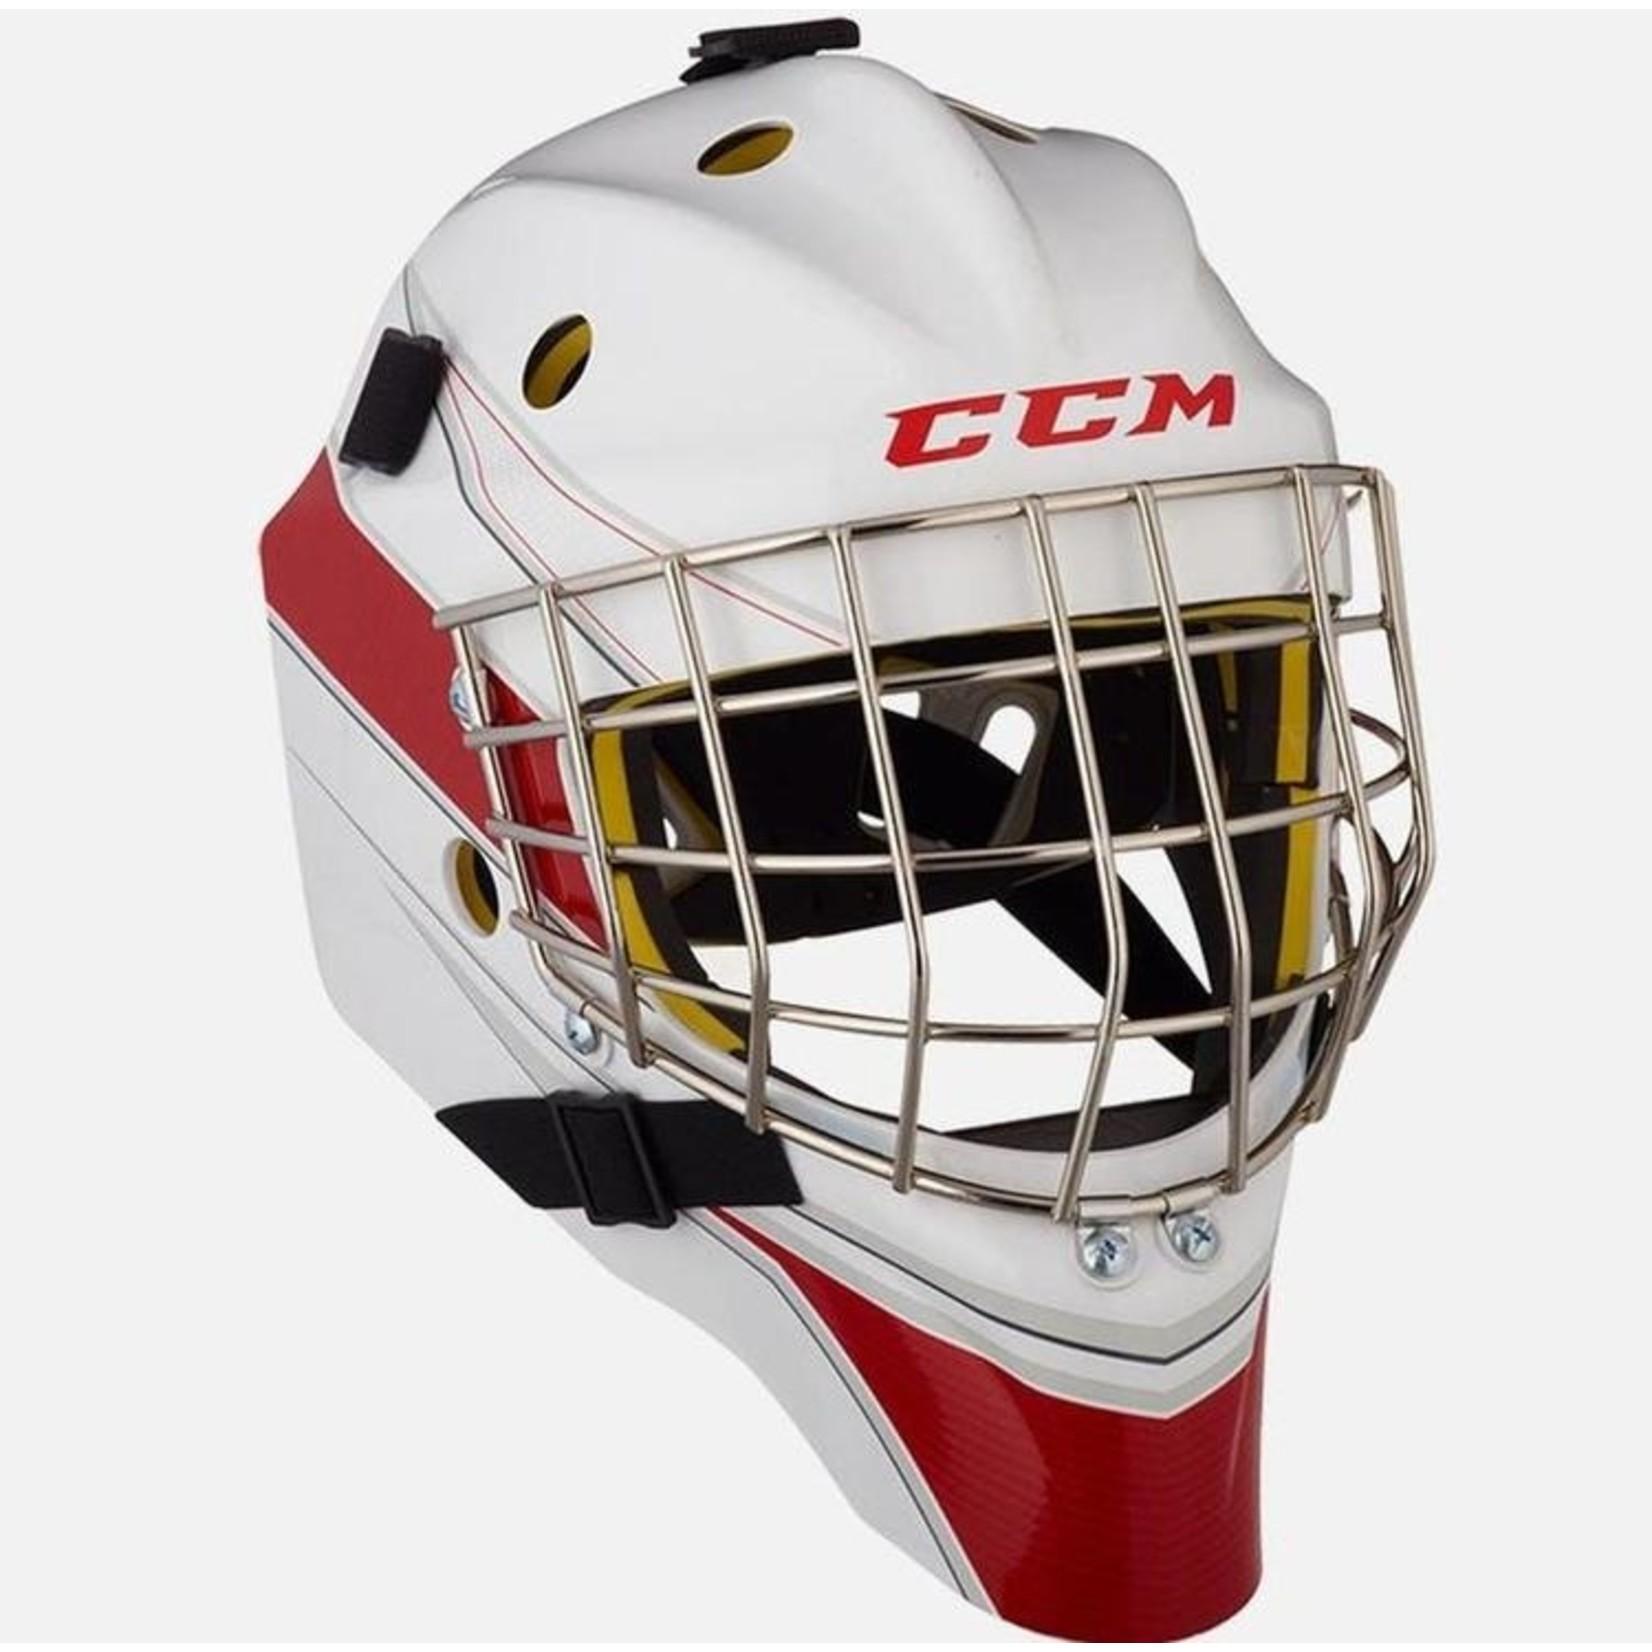 CCM CCM Hockey Goal Helmet, Axis A1.5 Decal, Senior